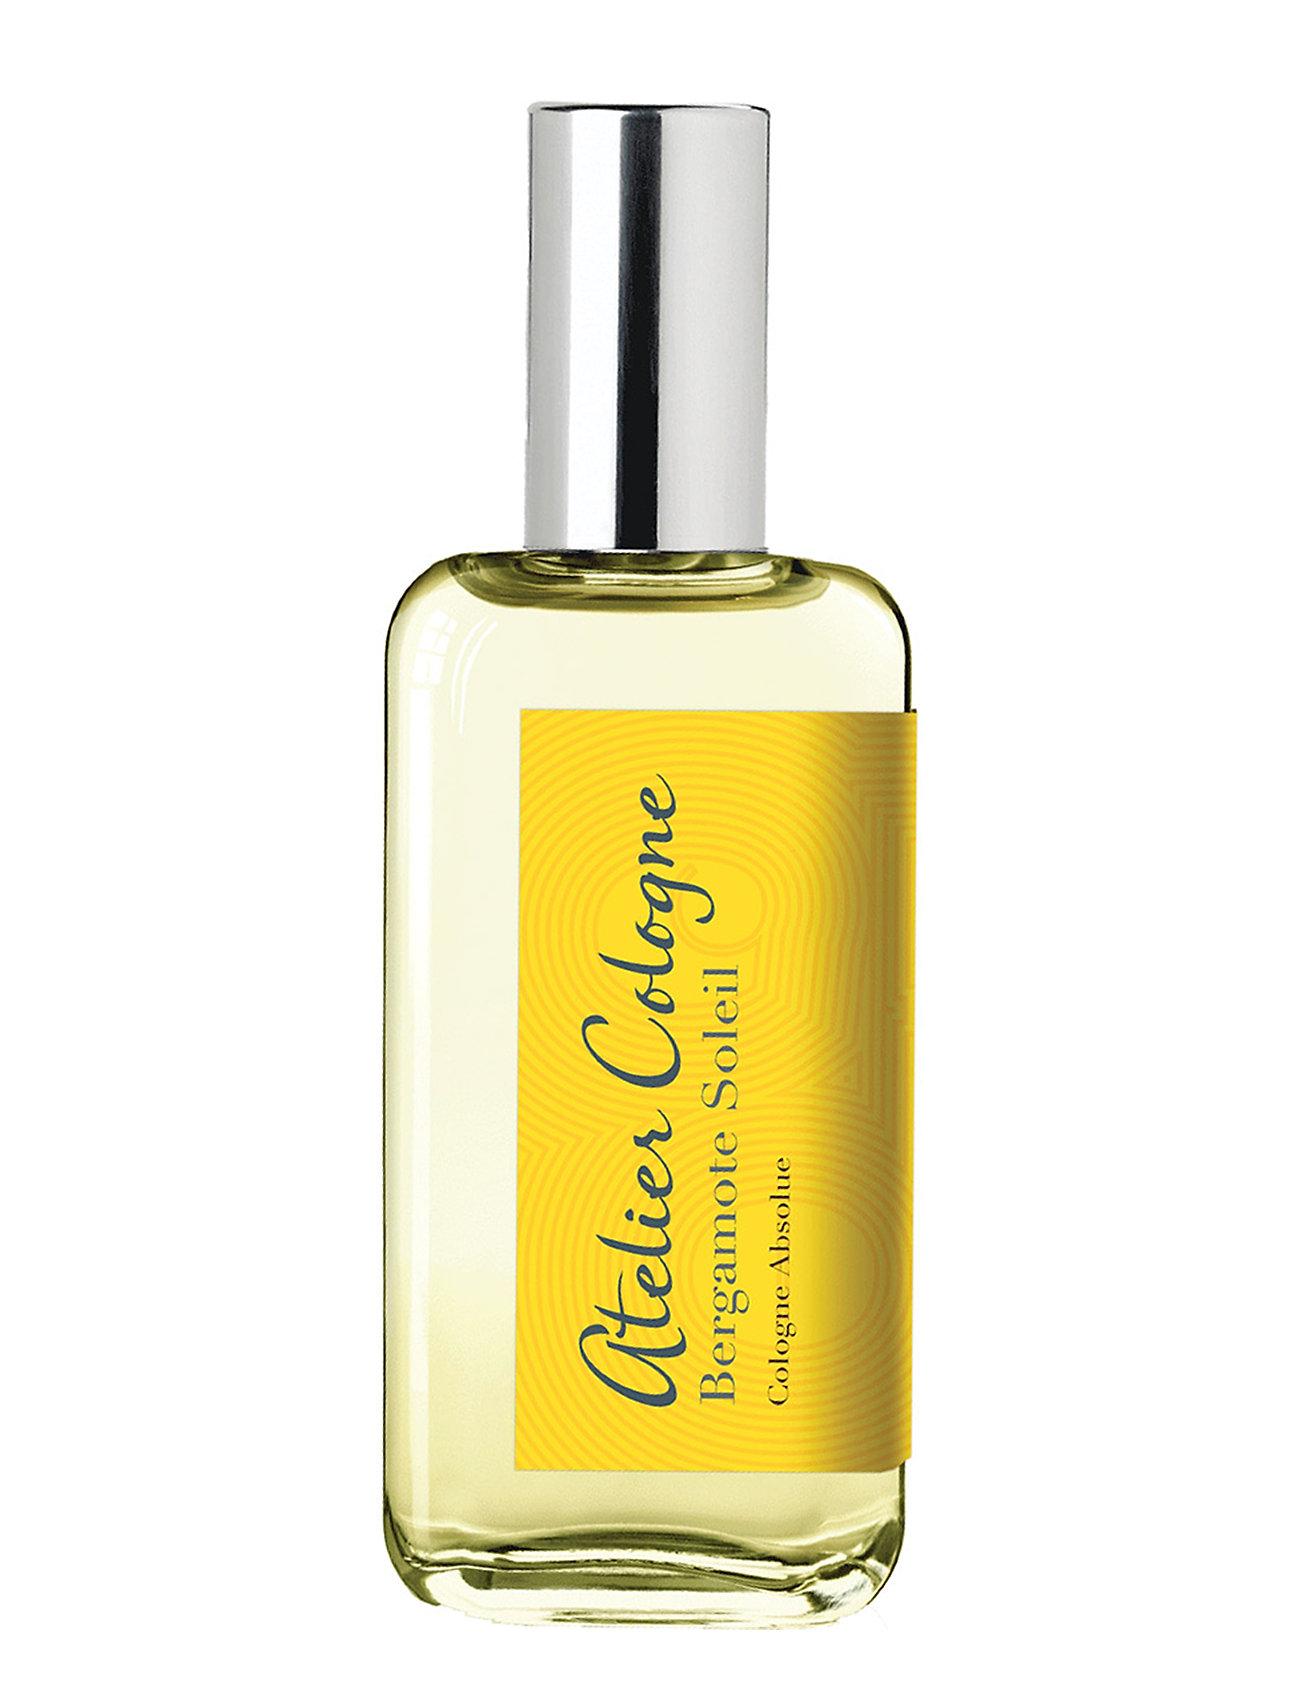 atelier cologne Bergamotte soleil edc 30 ml på boozt.com dk